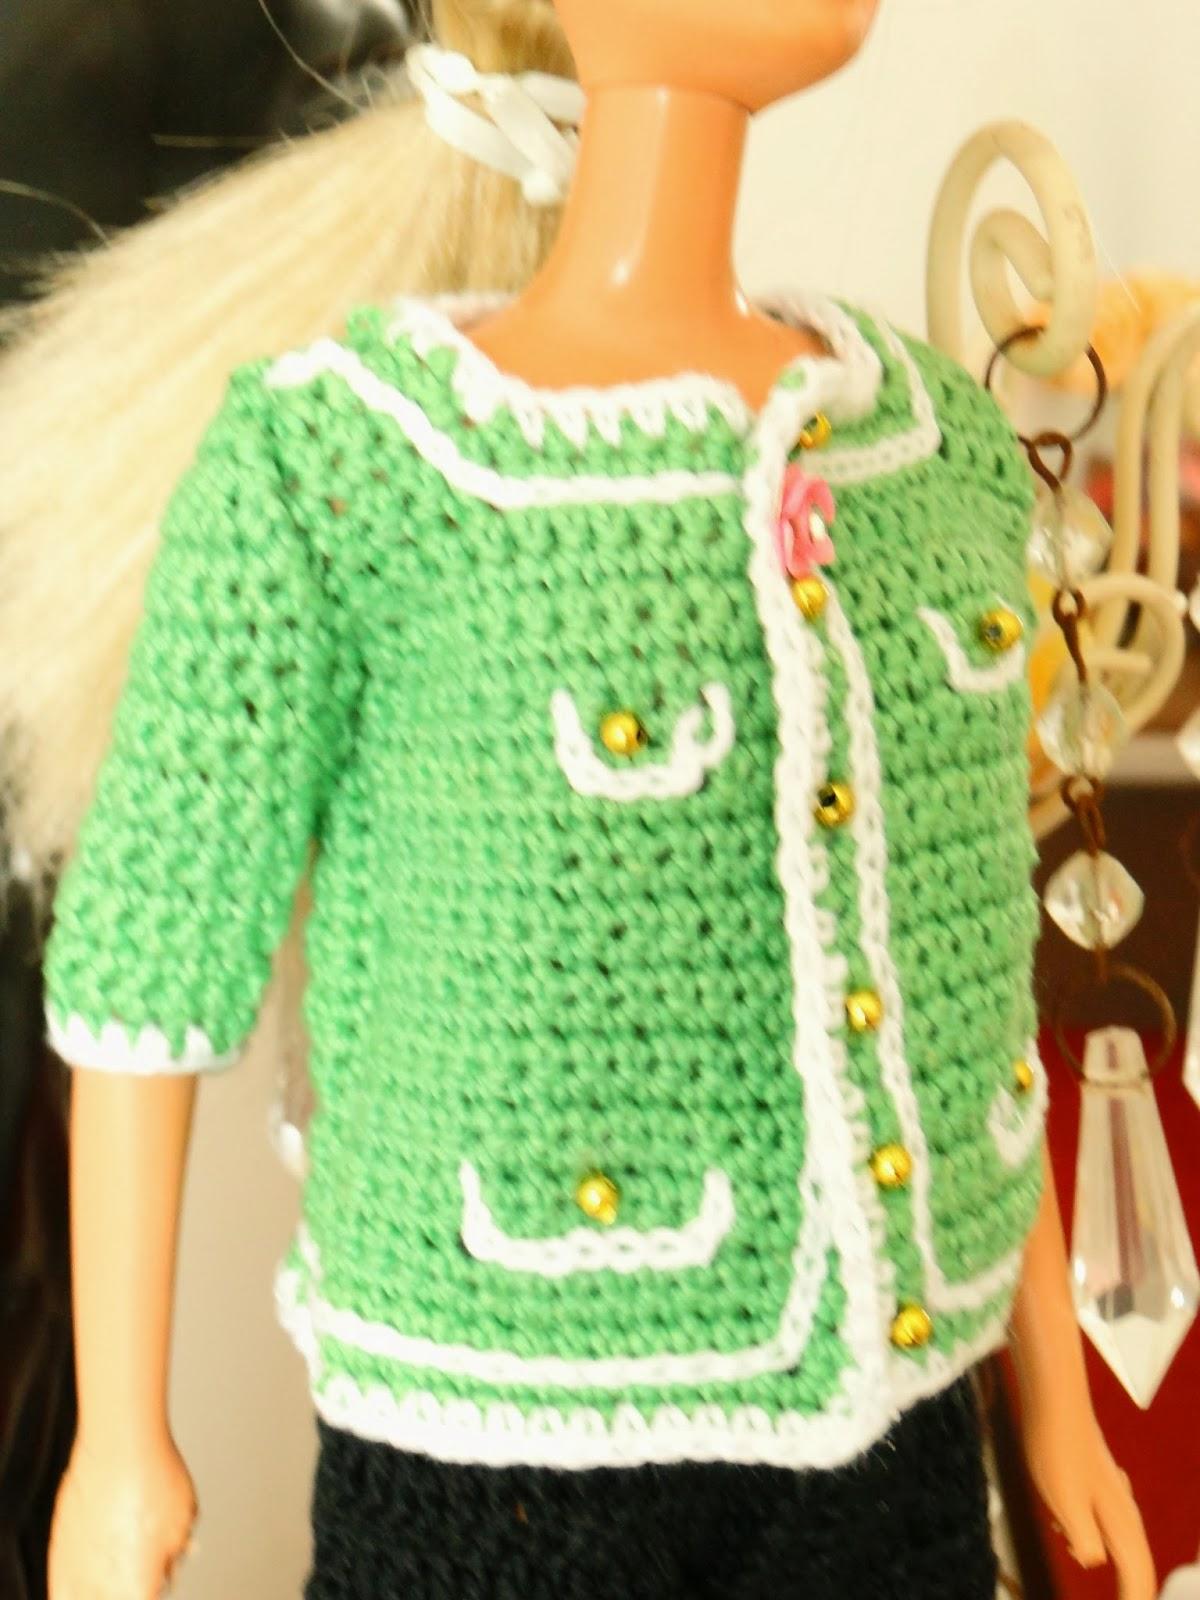 Aparador Bar Bechara ~ Barbie Croch u00ea Miniaturas Artesanato e Coisas Mais Passo a Passo em Portugu u00eas de Casaco de